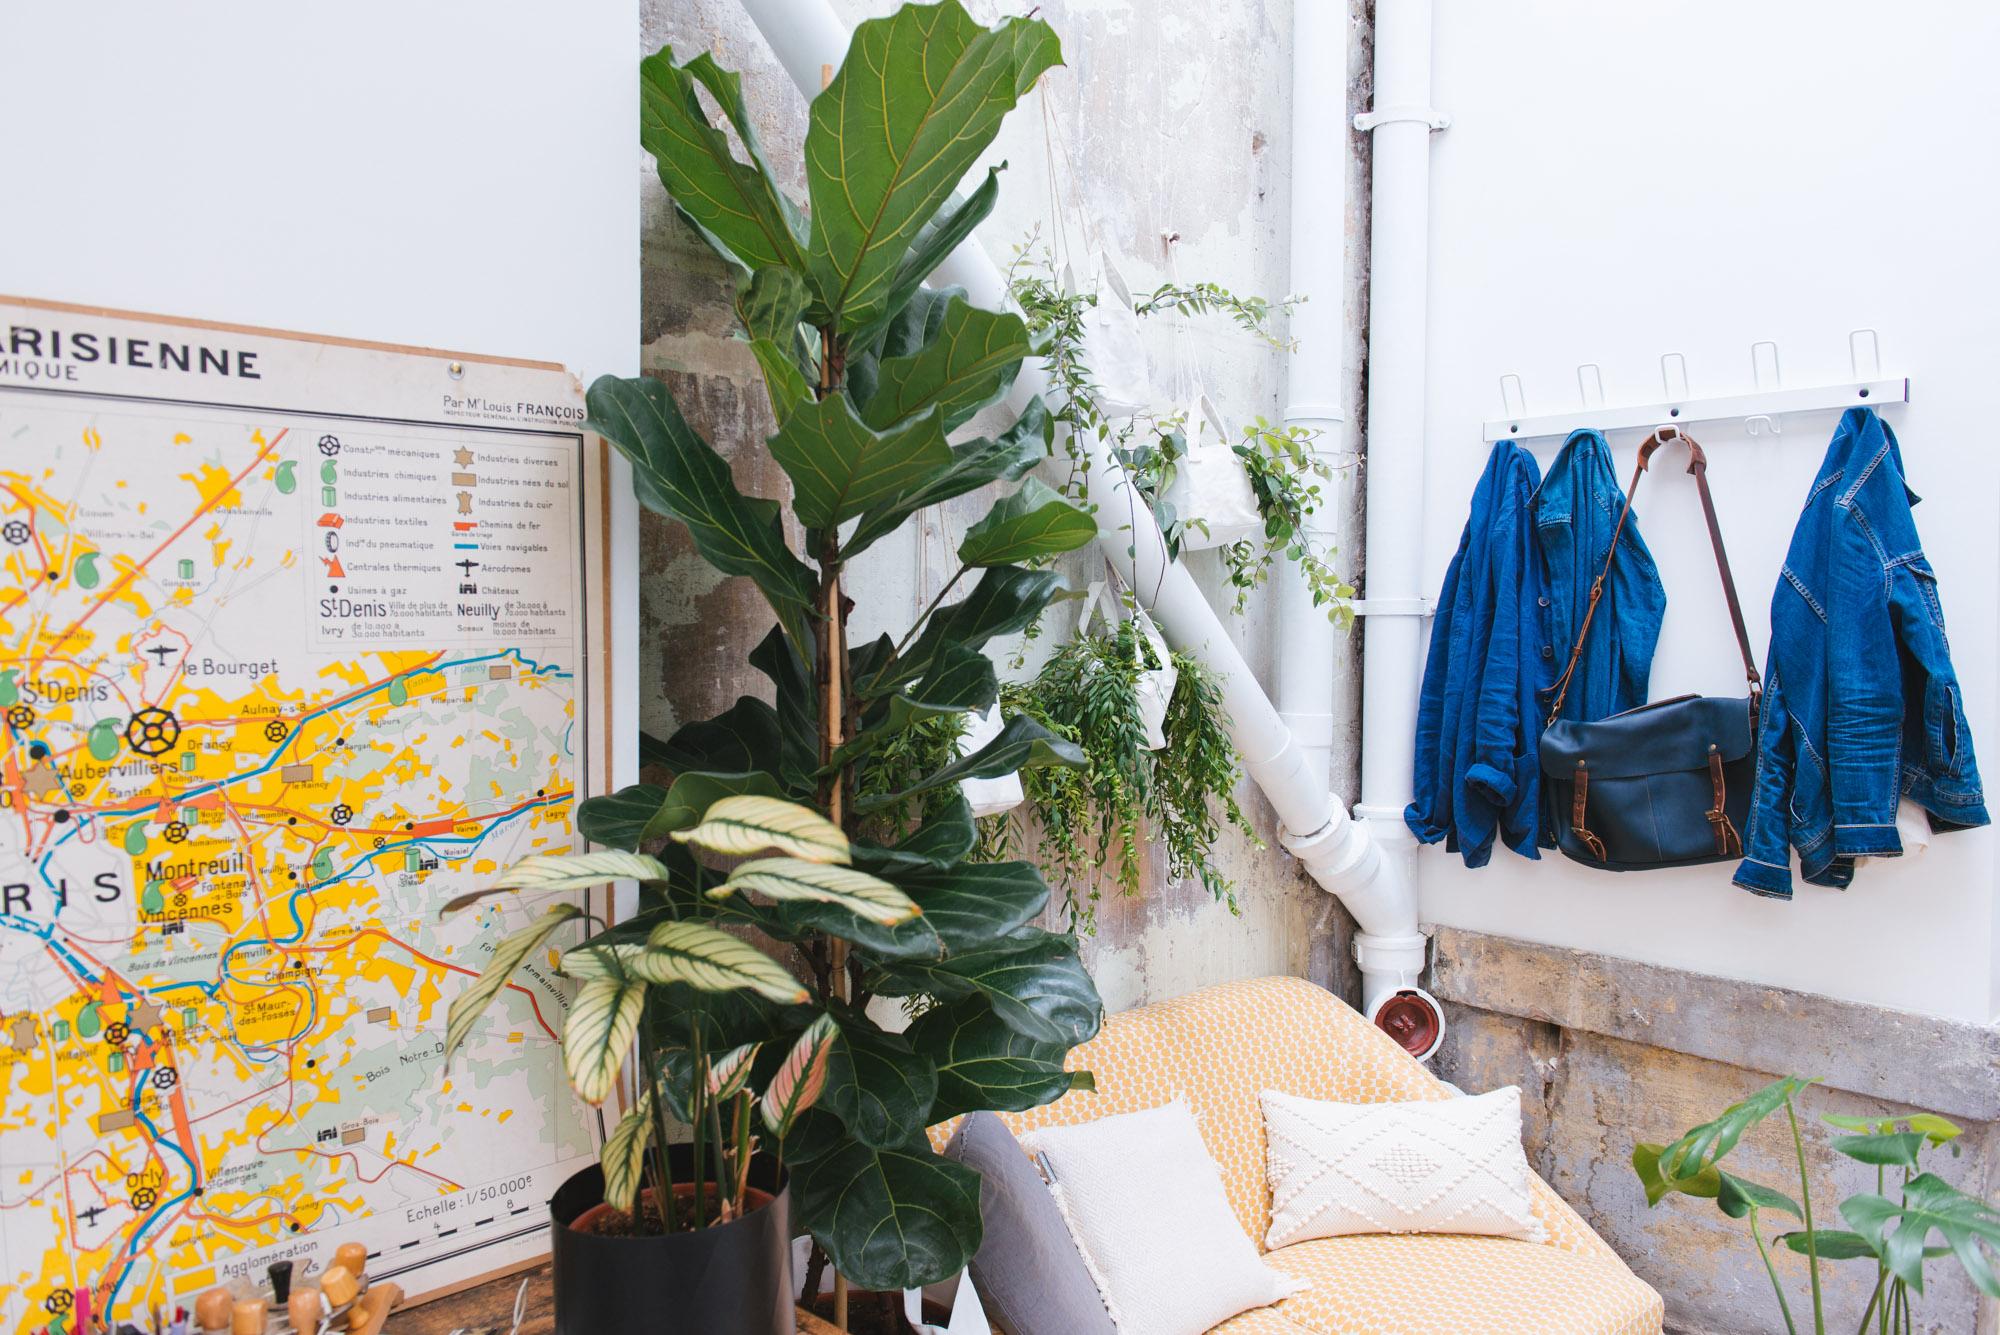 ficus lyrata bureau décoration végétale végétalisation